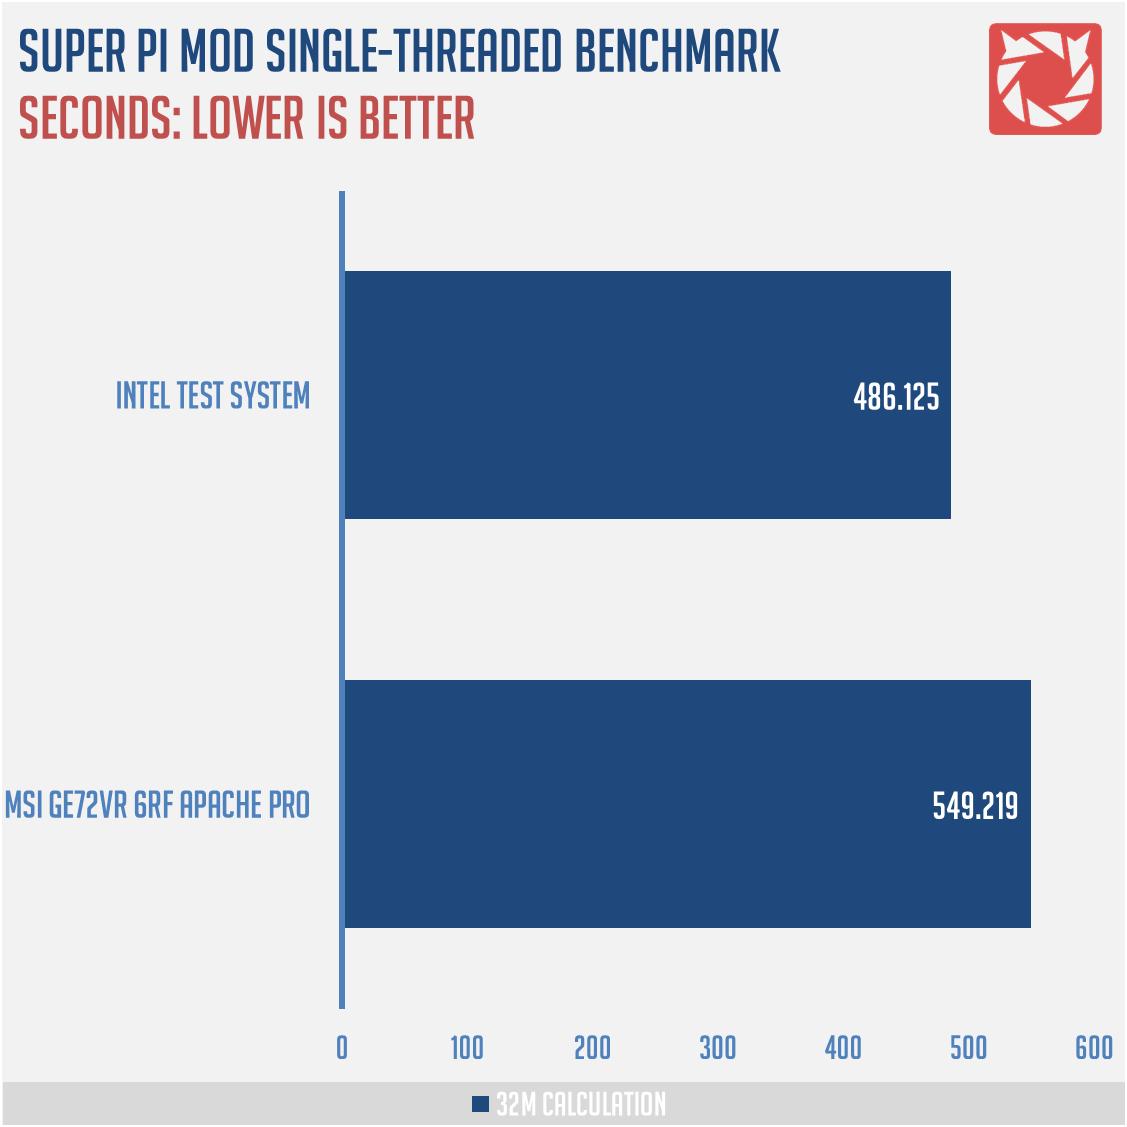 MSI-GE72VR-Apache-Pro-Benchmarks-5